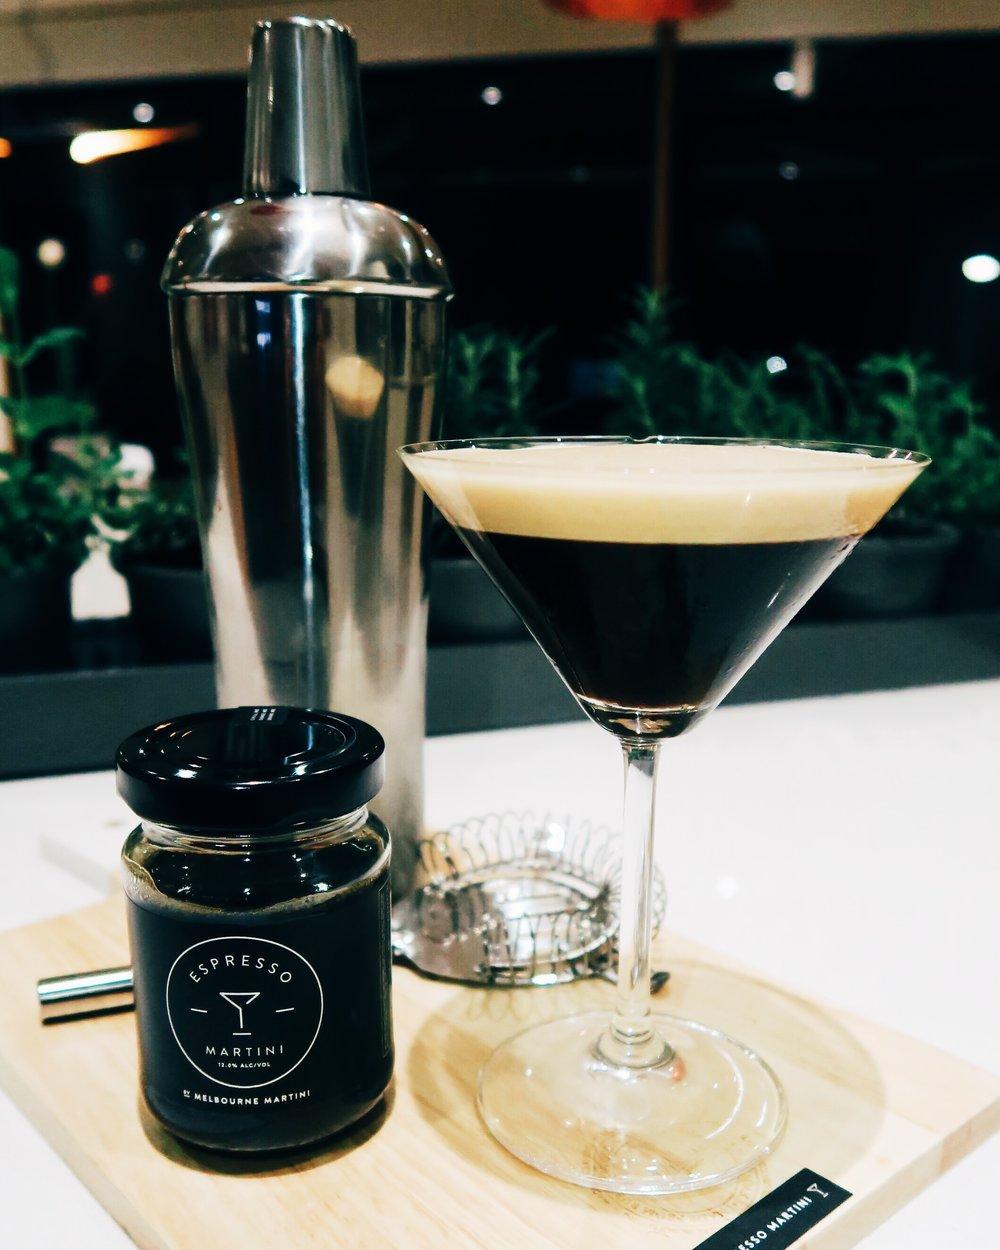 melbourne martini espresso martini